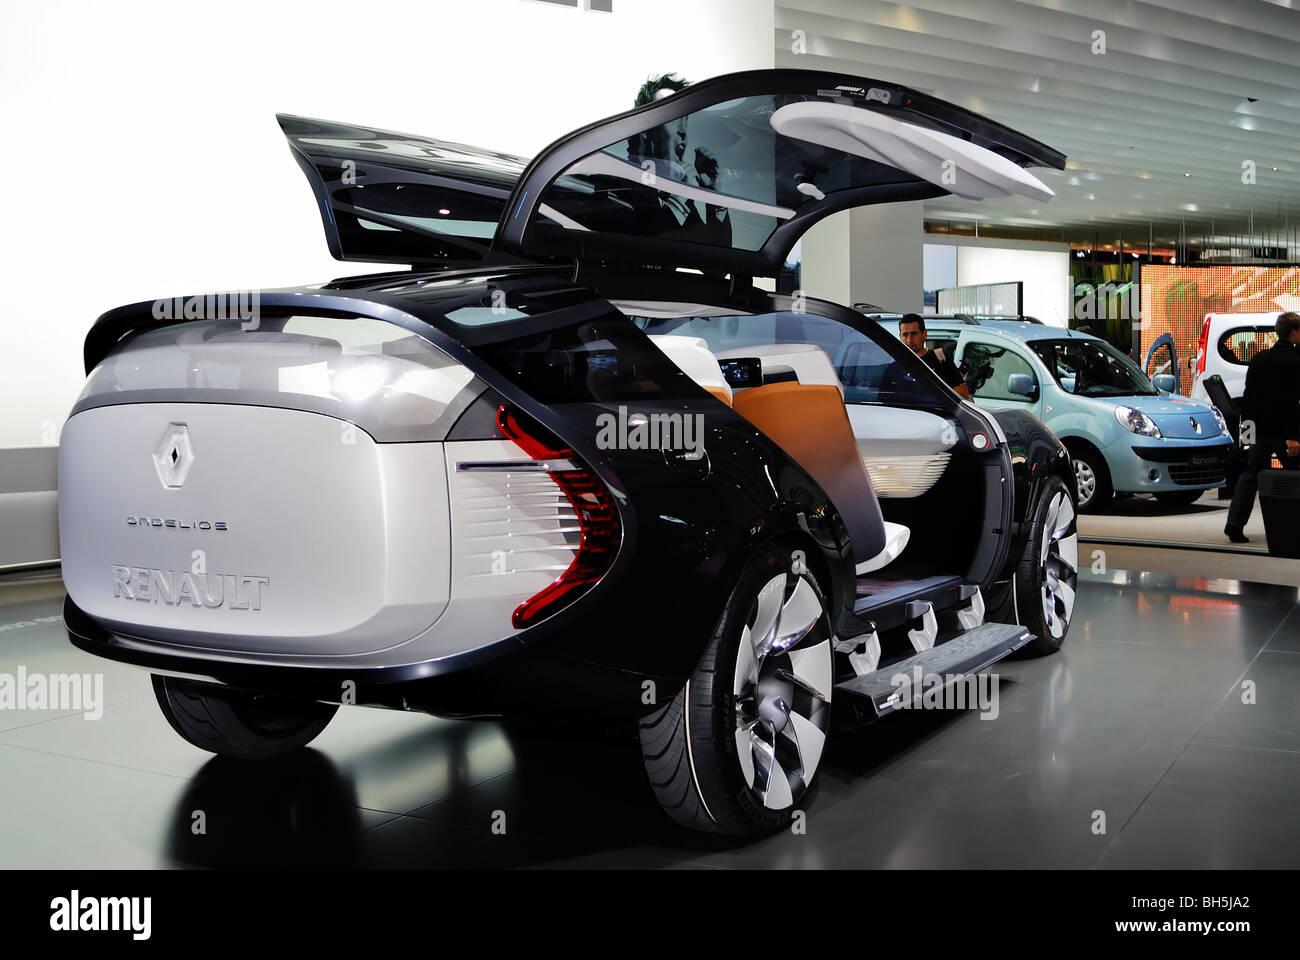 Paris France Paris Auto Show Electric Motor Concept